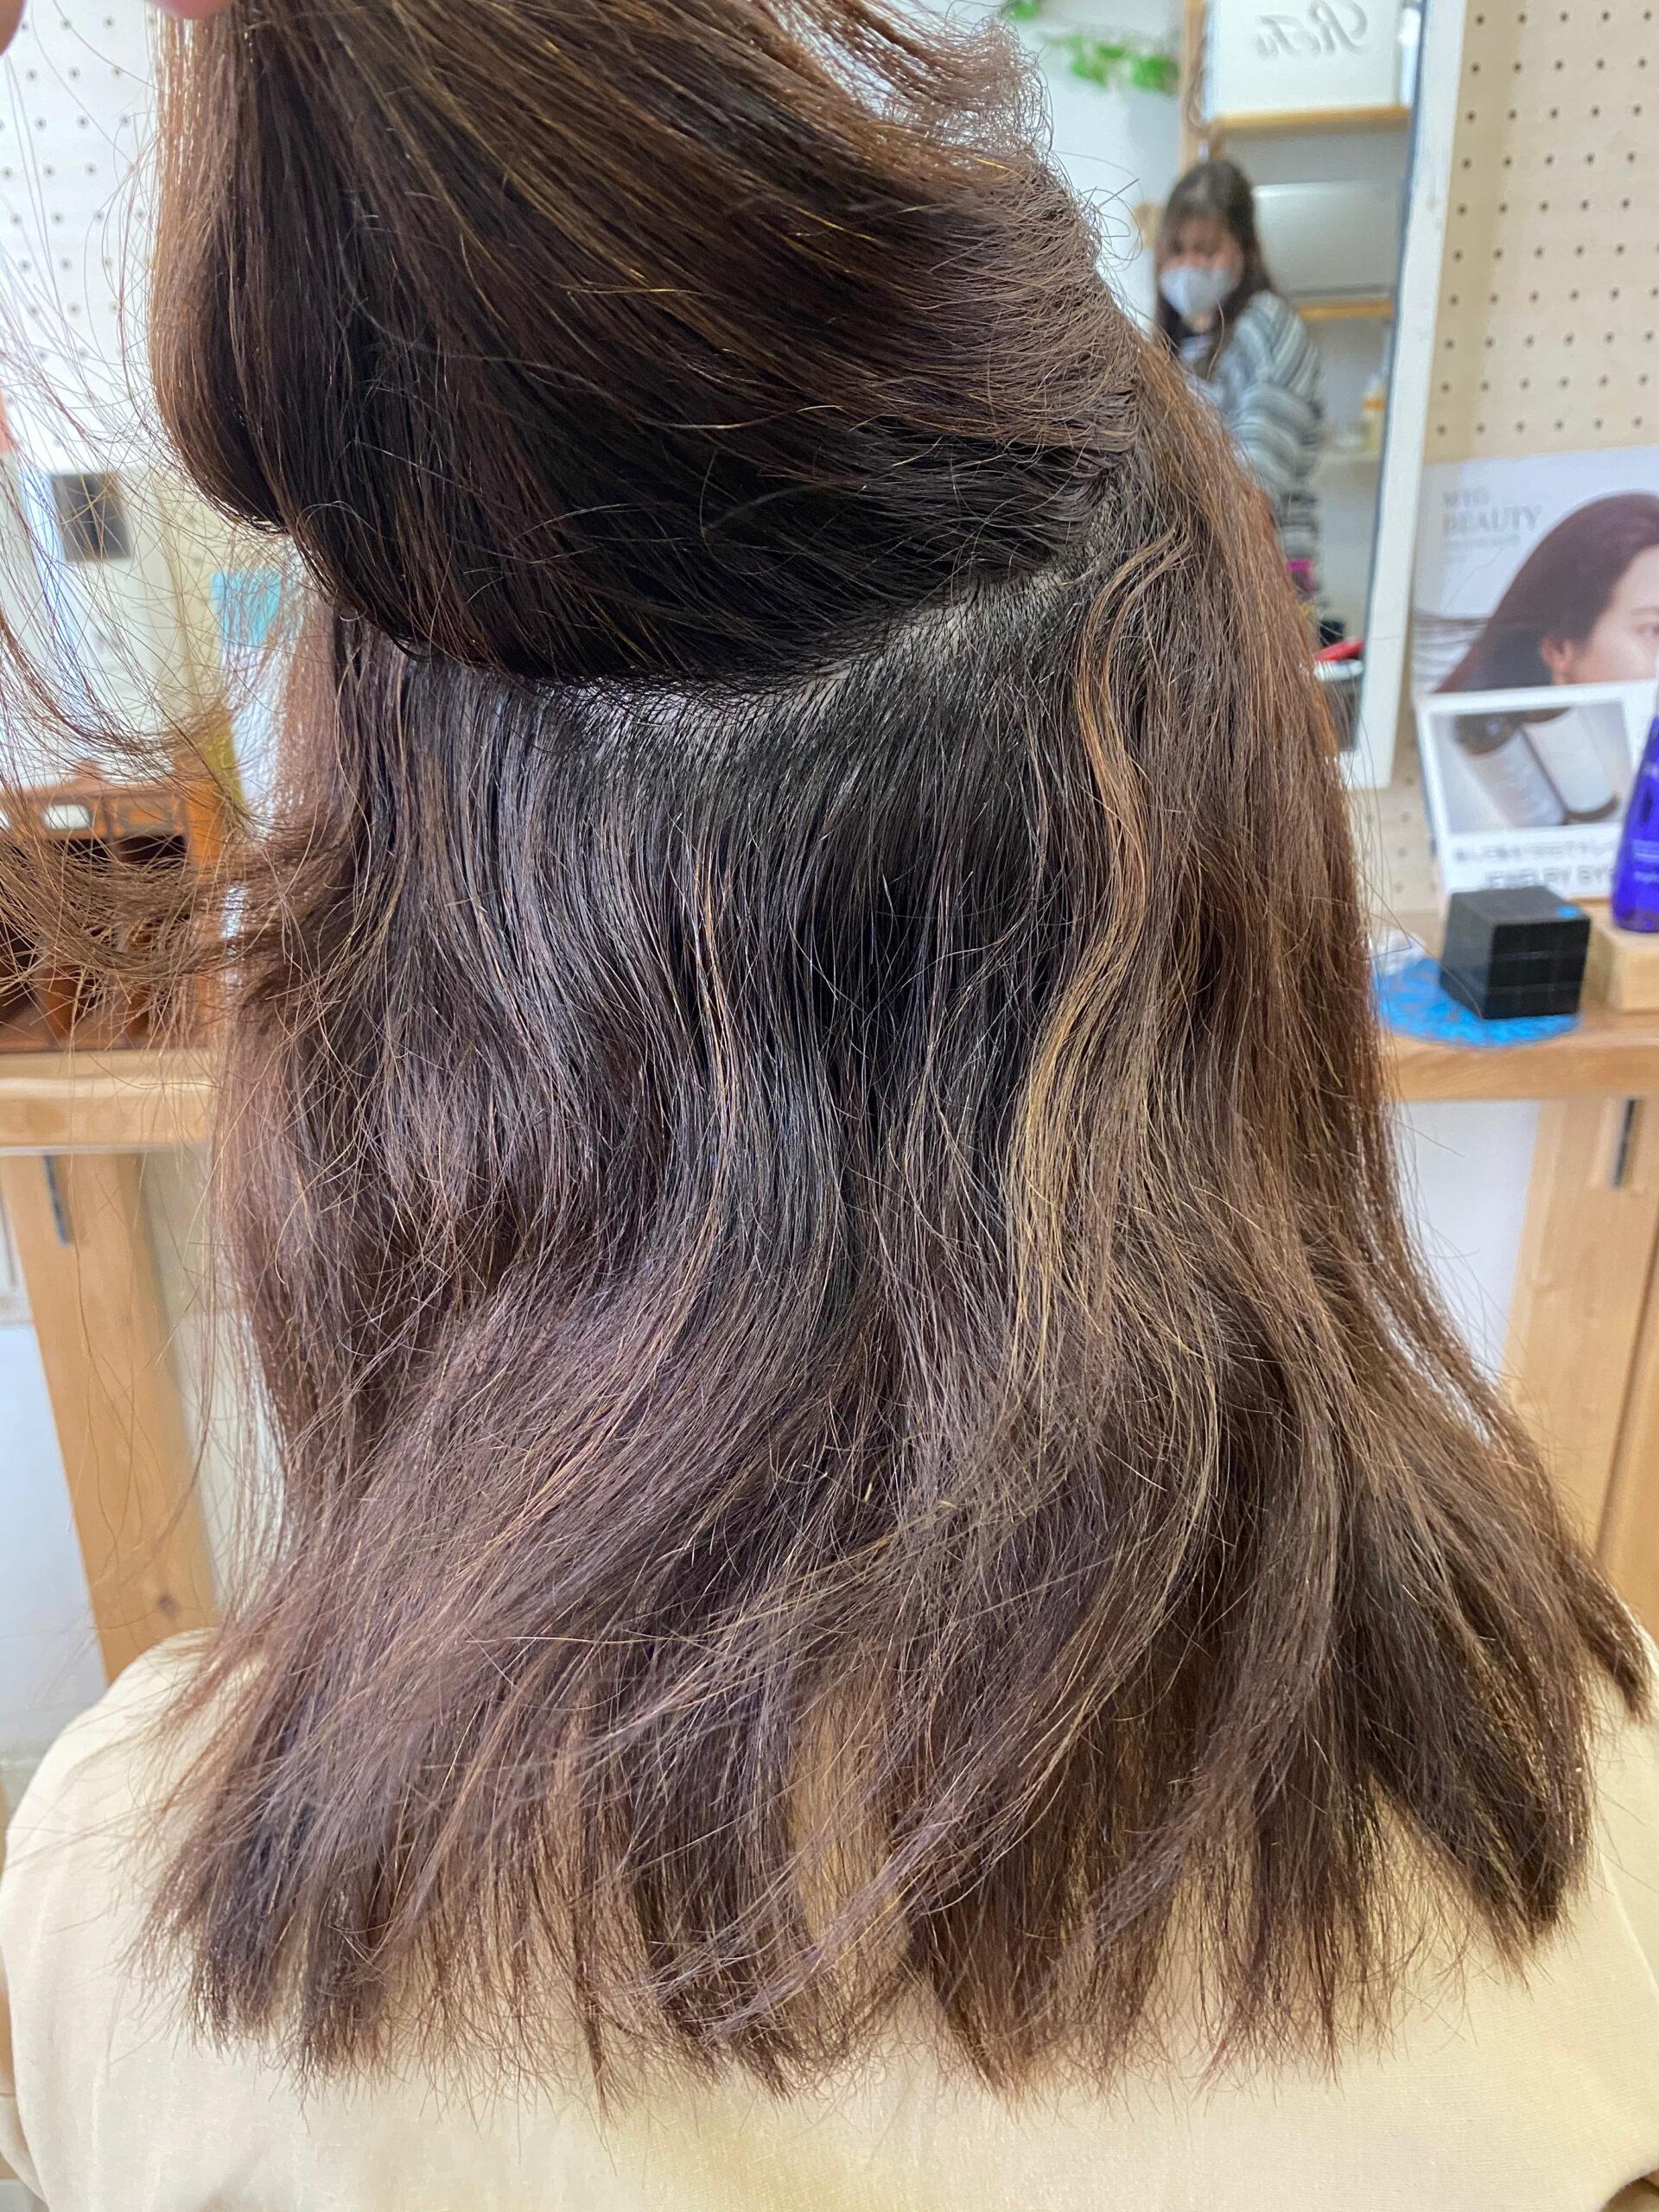 ハイライトカラー(ブリーチ)の方をジュエリーシステム×LULUトリートメント×縮毛矯正で艶髪ストレートヘア。